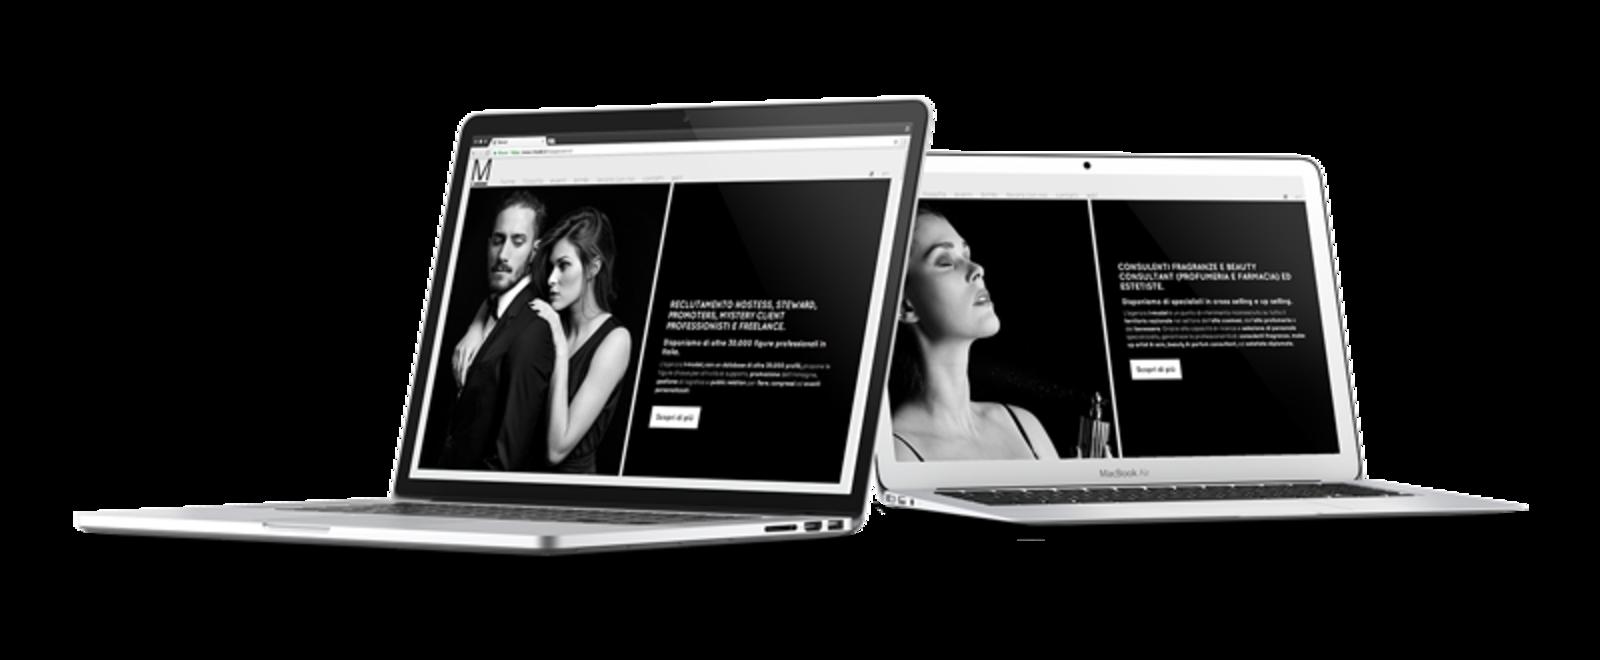 Mockup di due laptop con le pagine del sito di I-model